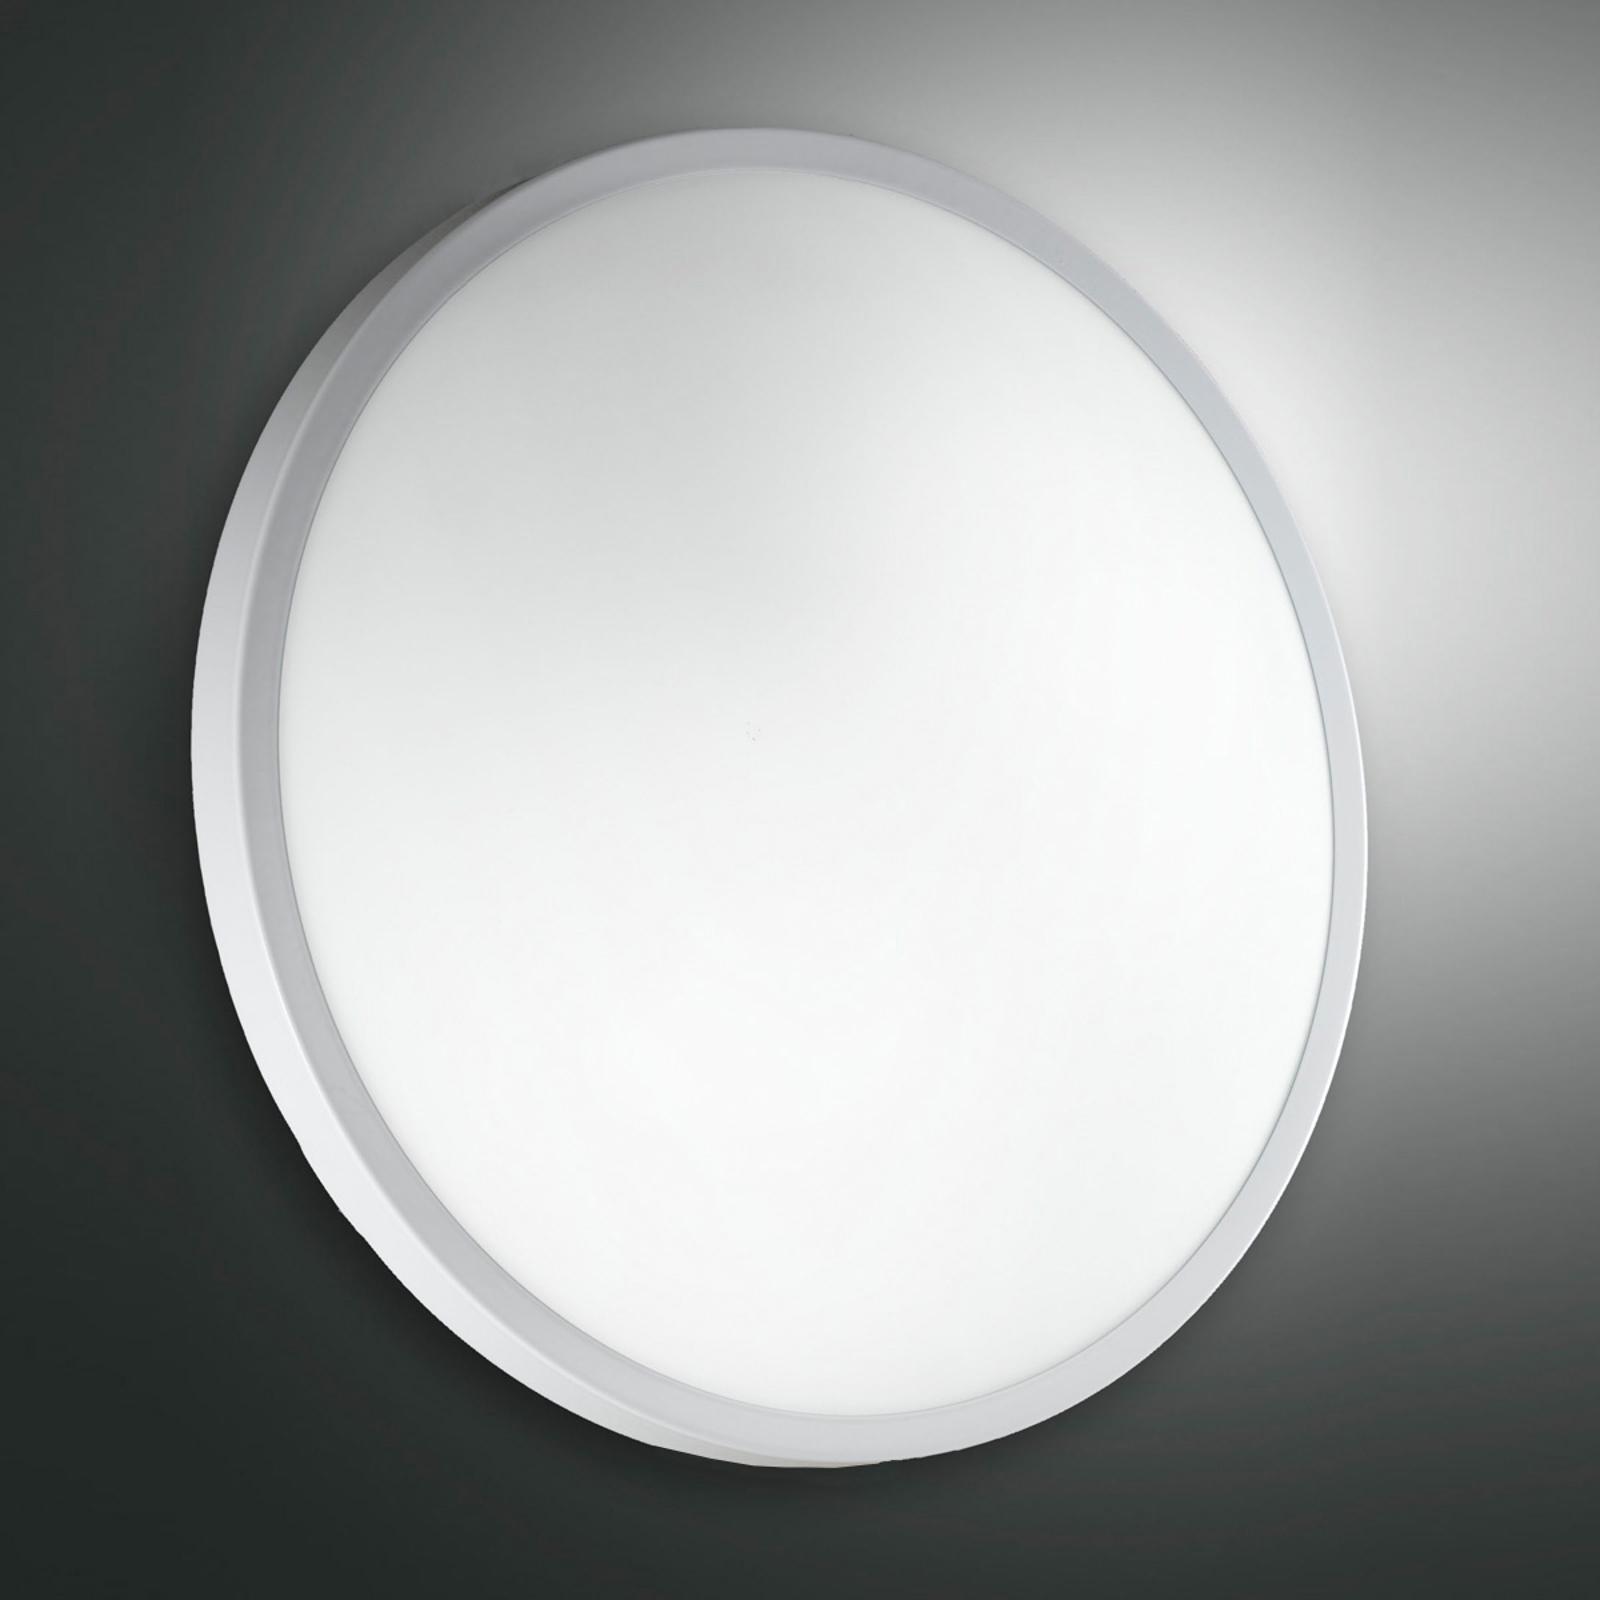 Hvid PLAZA loftlampe og væglampe i glas 41 cm